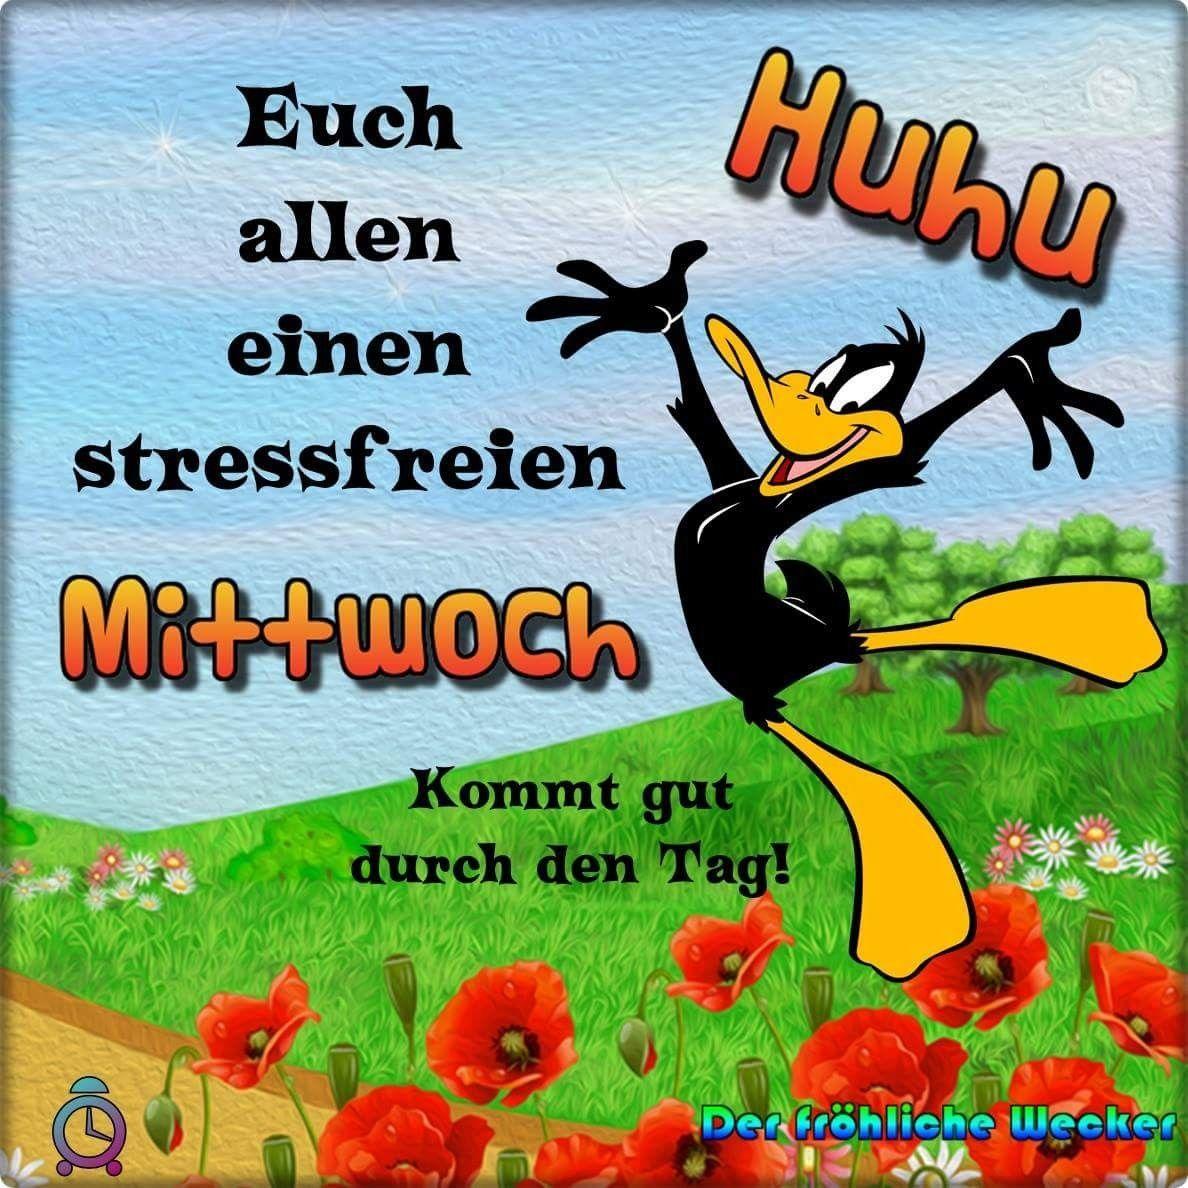 Mittwoch Ruhetag Bilder Mittwochsgrusse Happy Wednesday Grinch Special Day